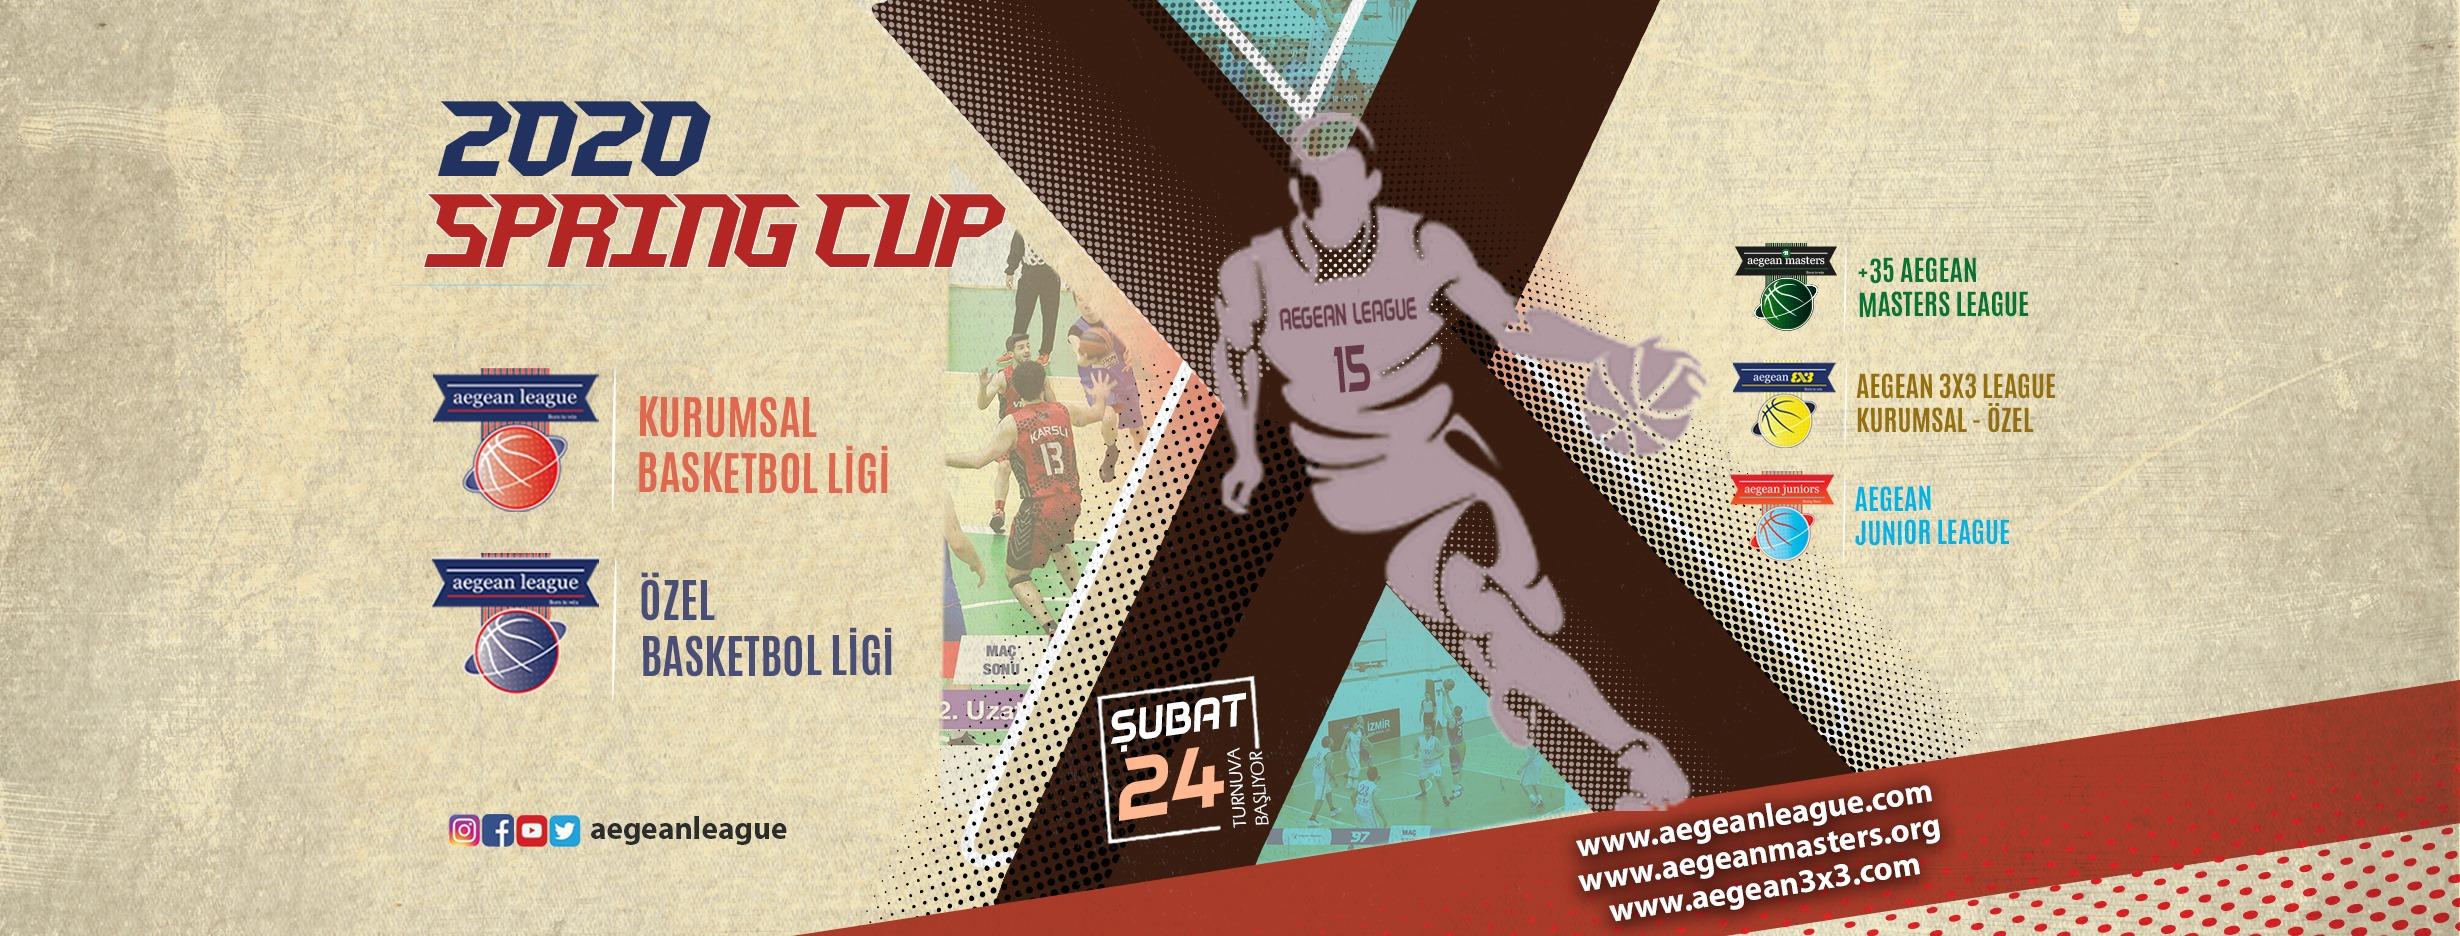 2020 SPRING CUP BAŞLADI...